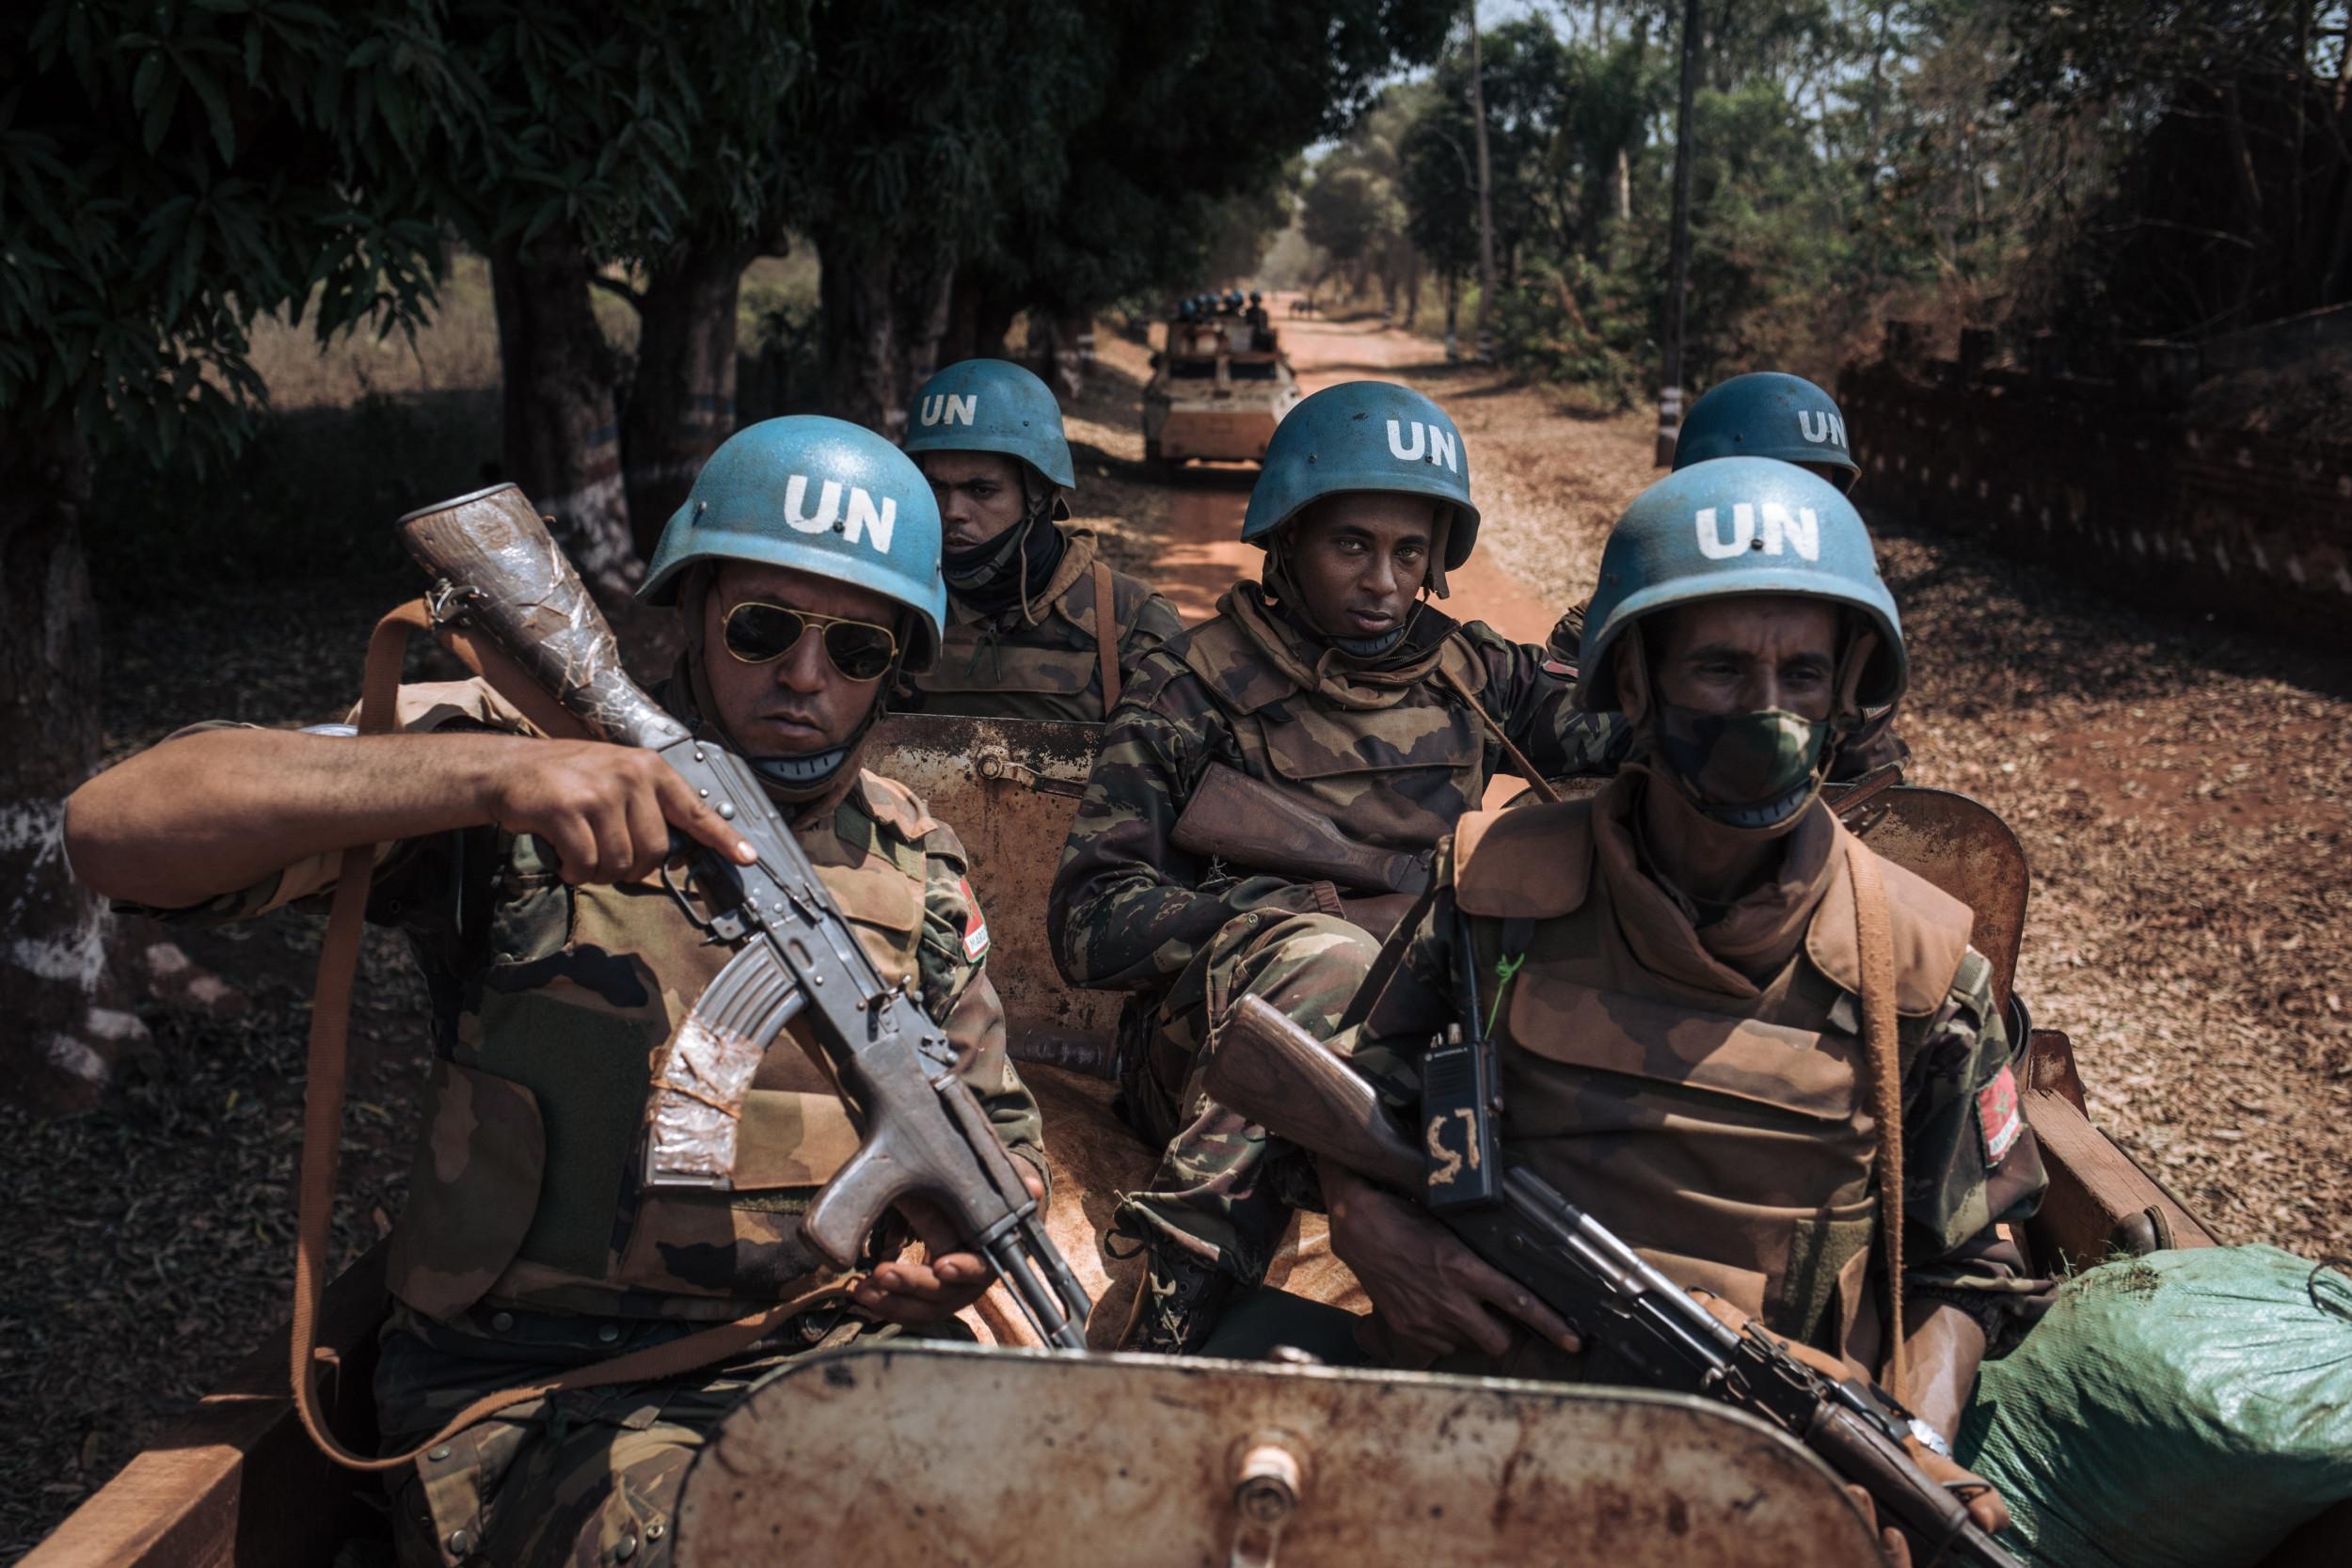 Maintien de la paix dans le monde - Les FAR en République Centrafricaine - RCA (MINUSCA) - Page 20 51098976949_1c38fe88c0_o_d